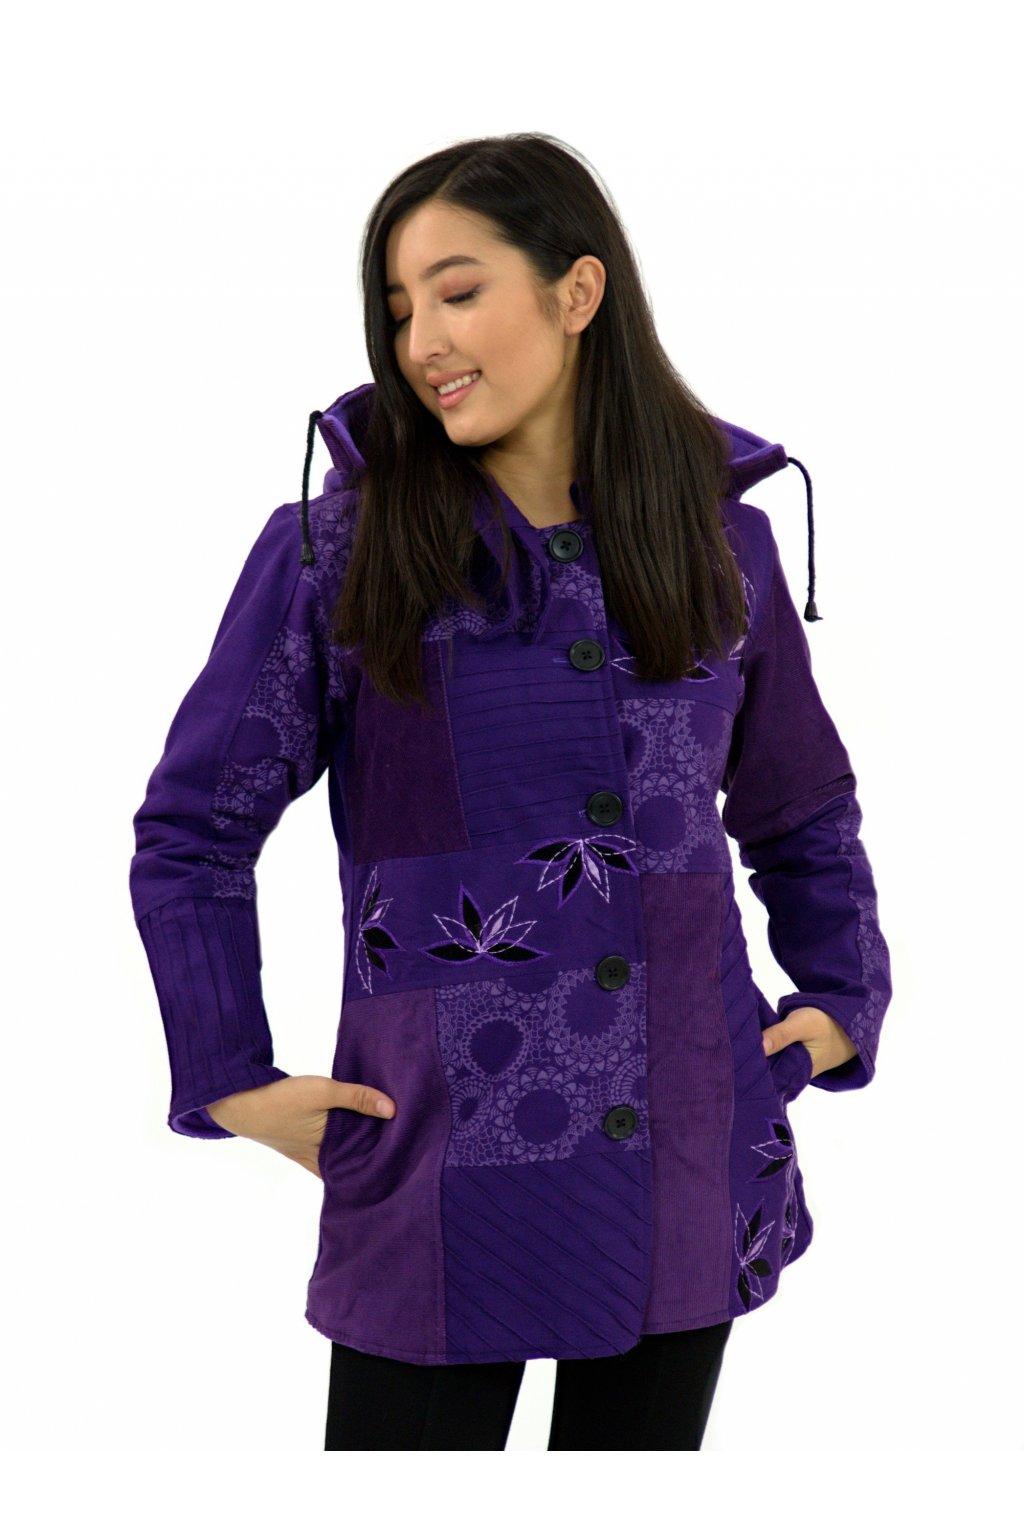 Podzimní/zimní kabát Nepálský lotos - fialový